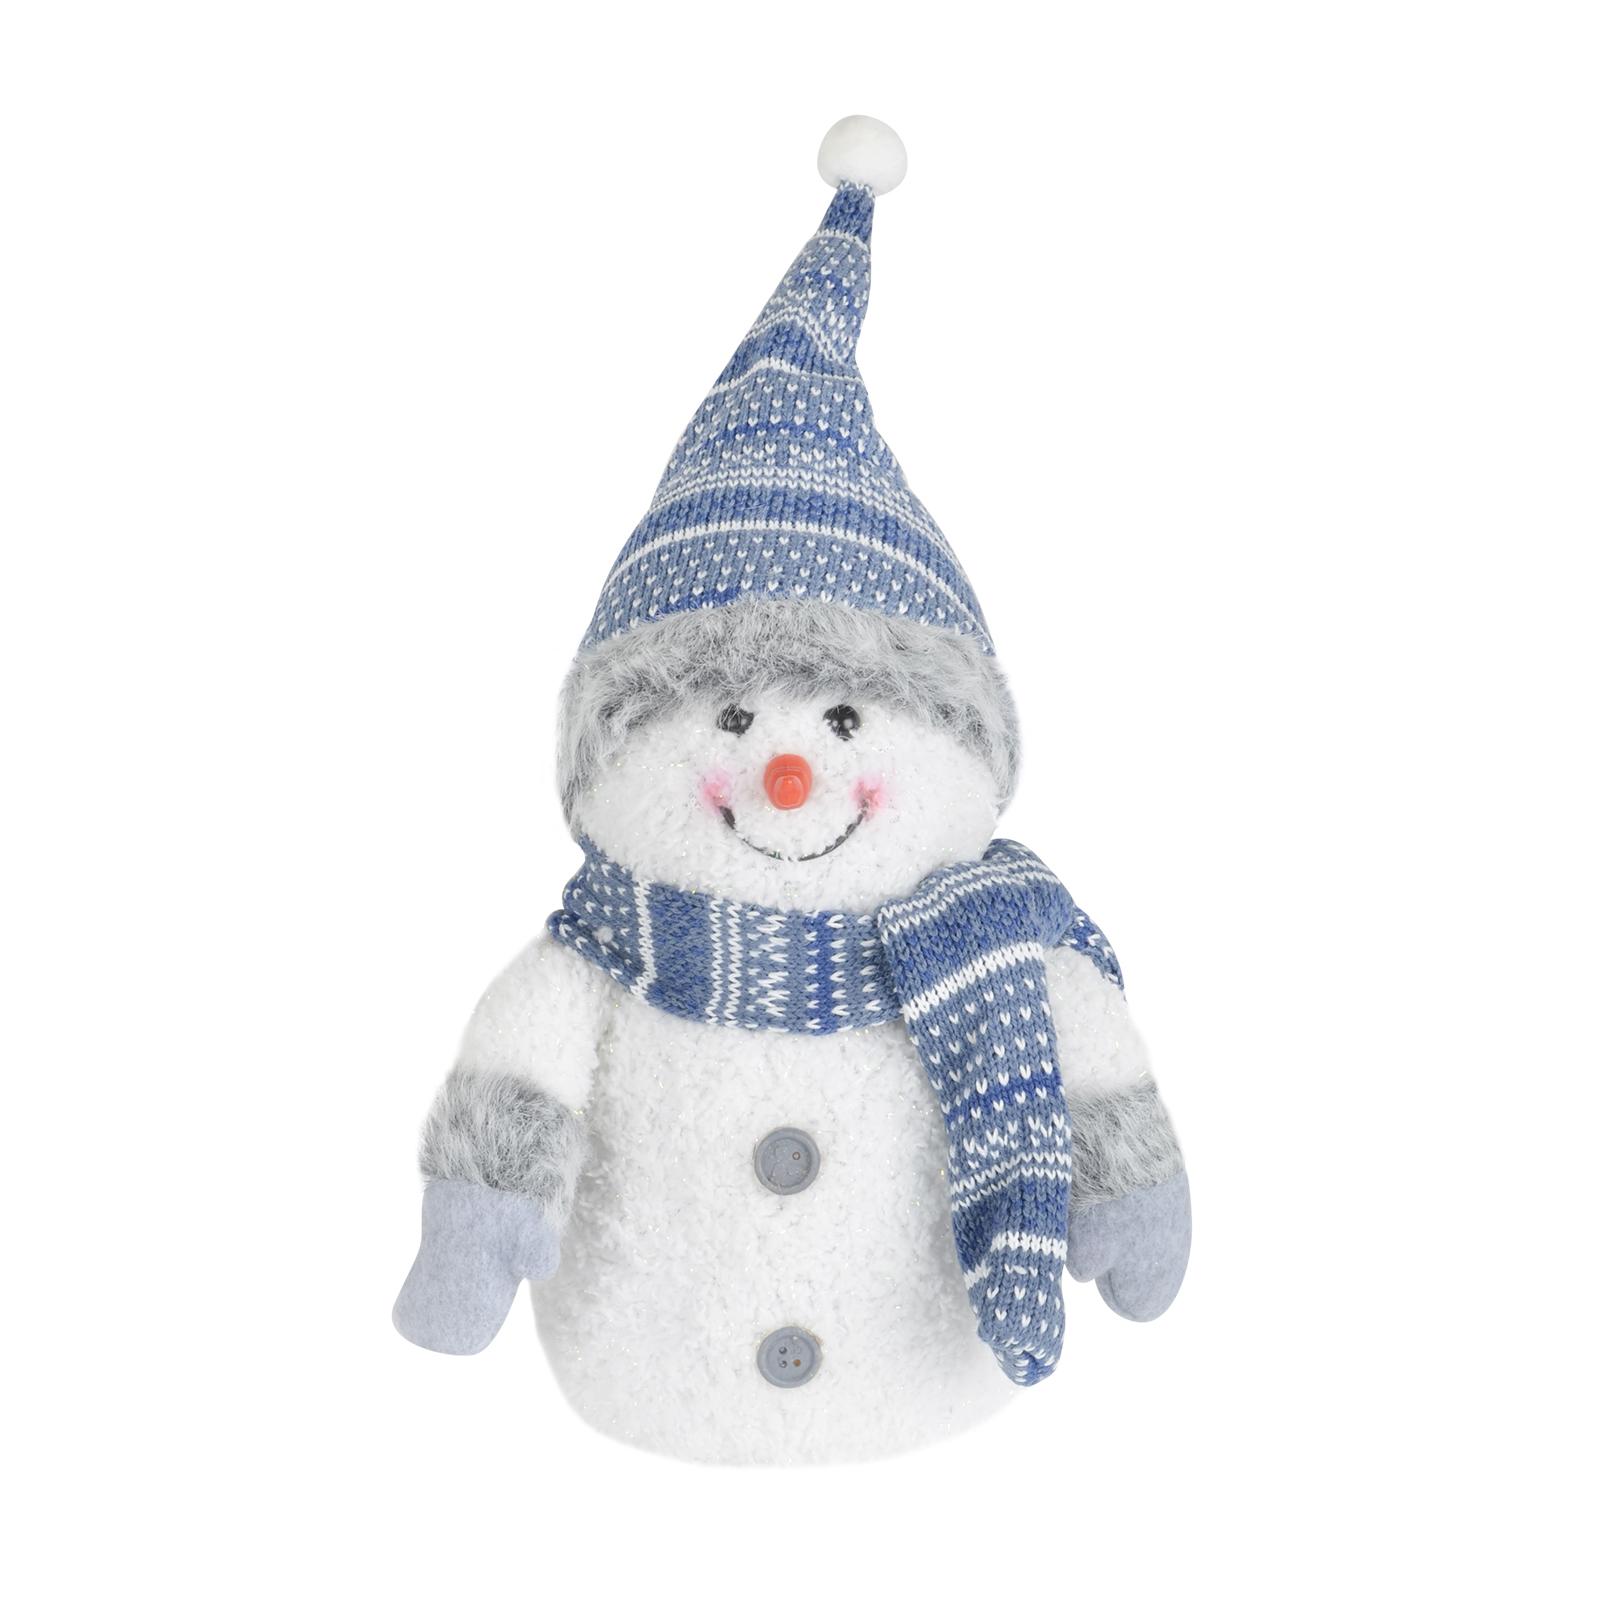 20cm led light up crimbo snowman decoration blue white for Snowman decorations